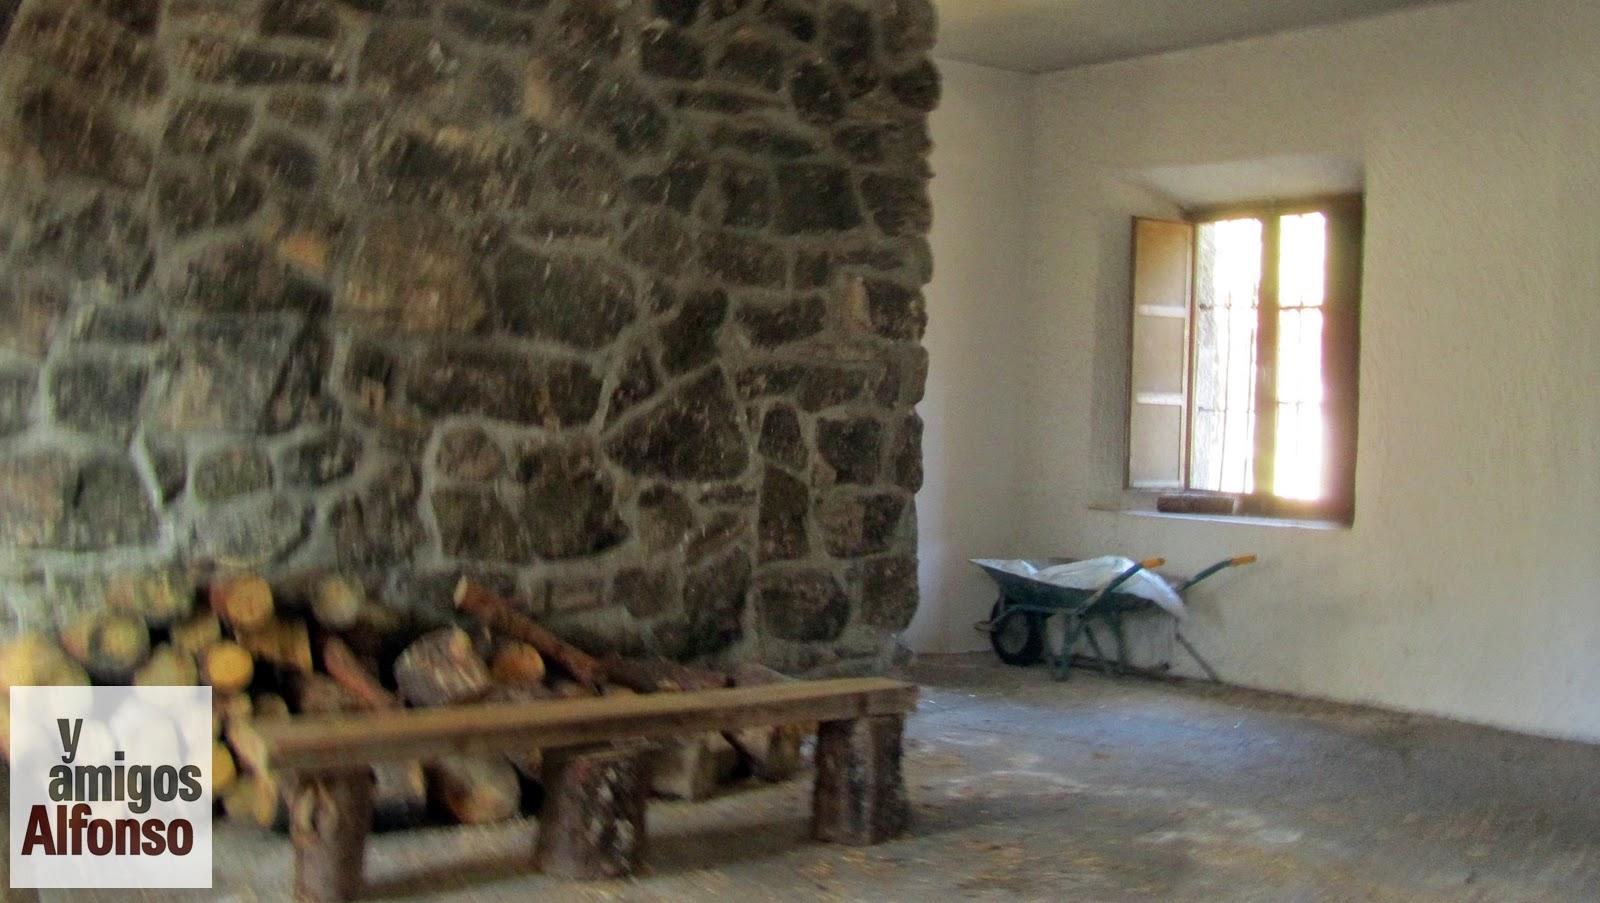 La Casa del Baldío - Alfonsoyamigos